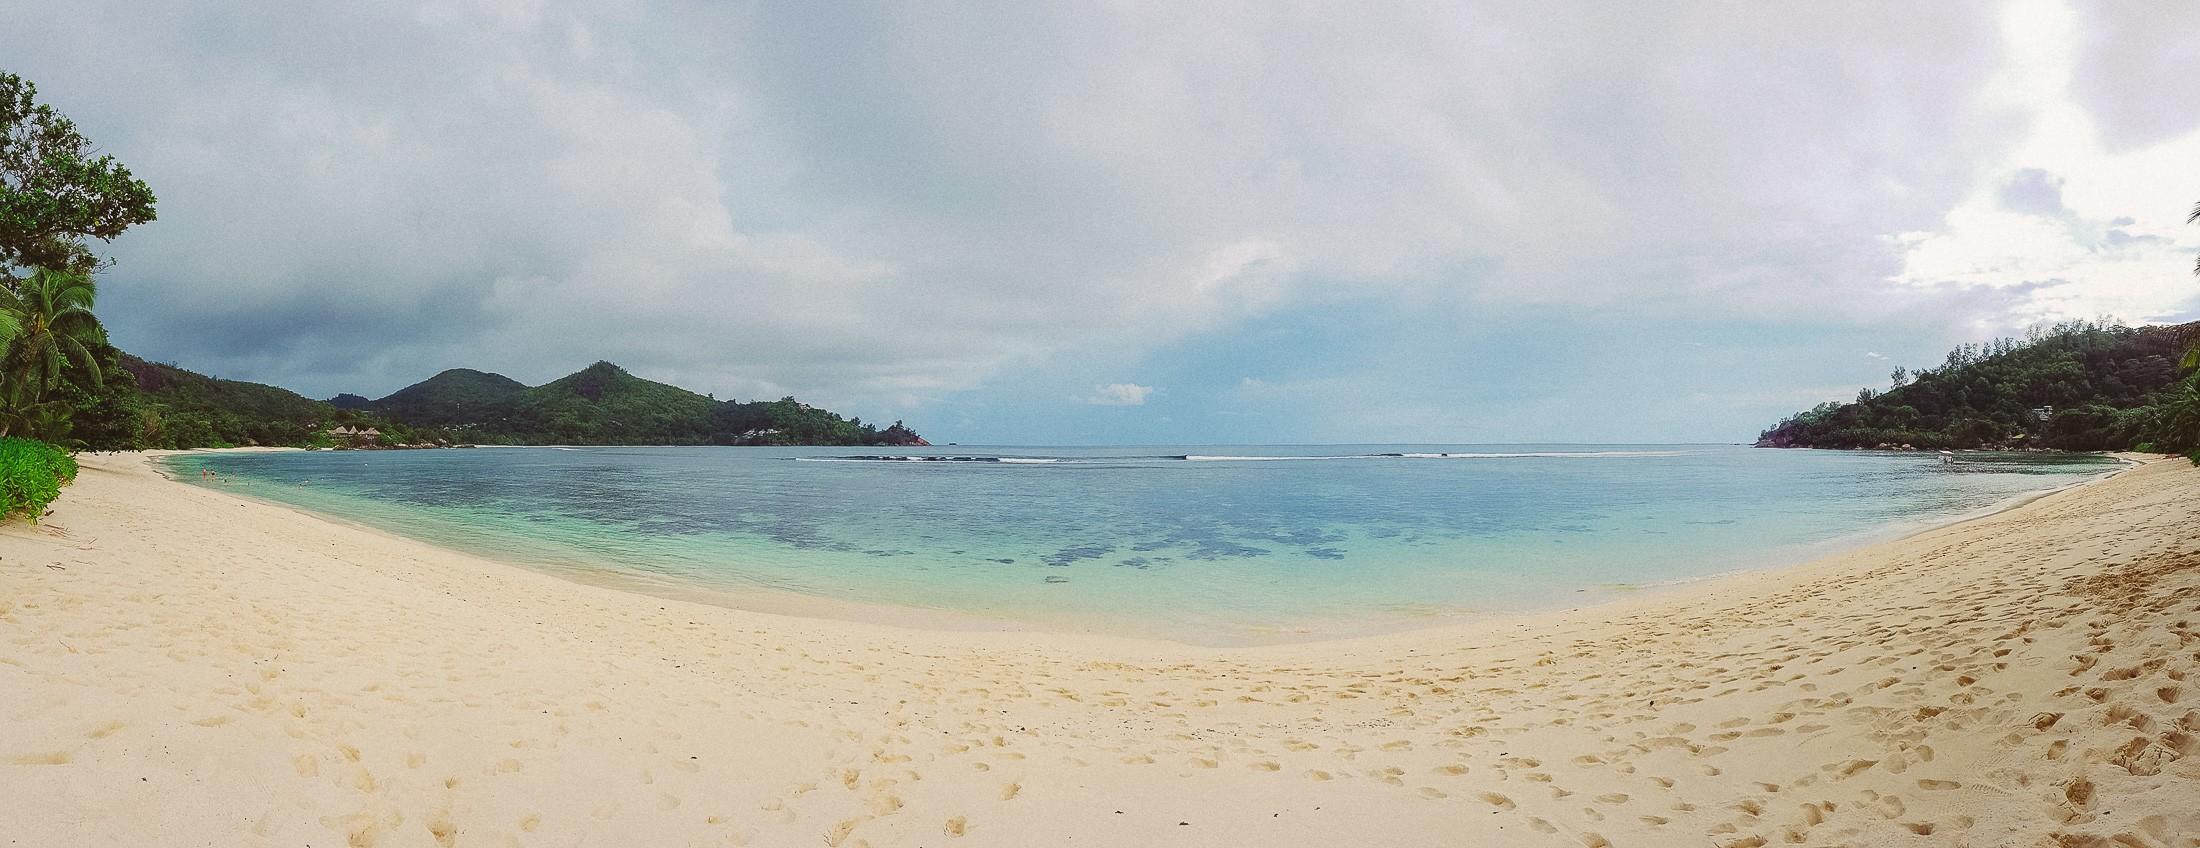 дневники о путешествиях Сейшелы